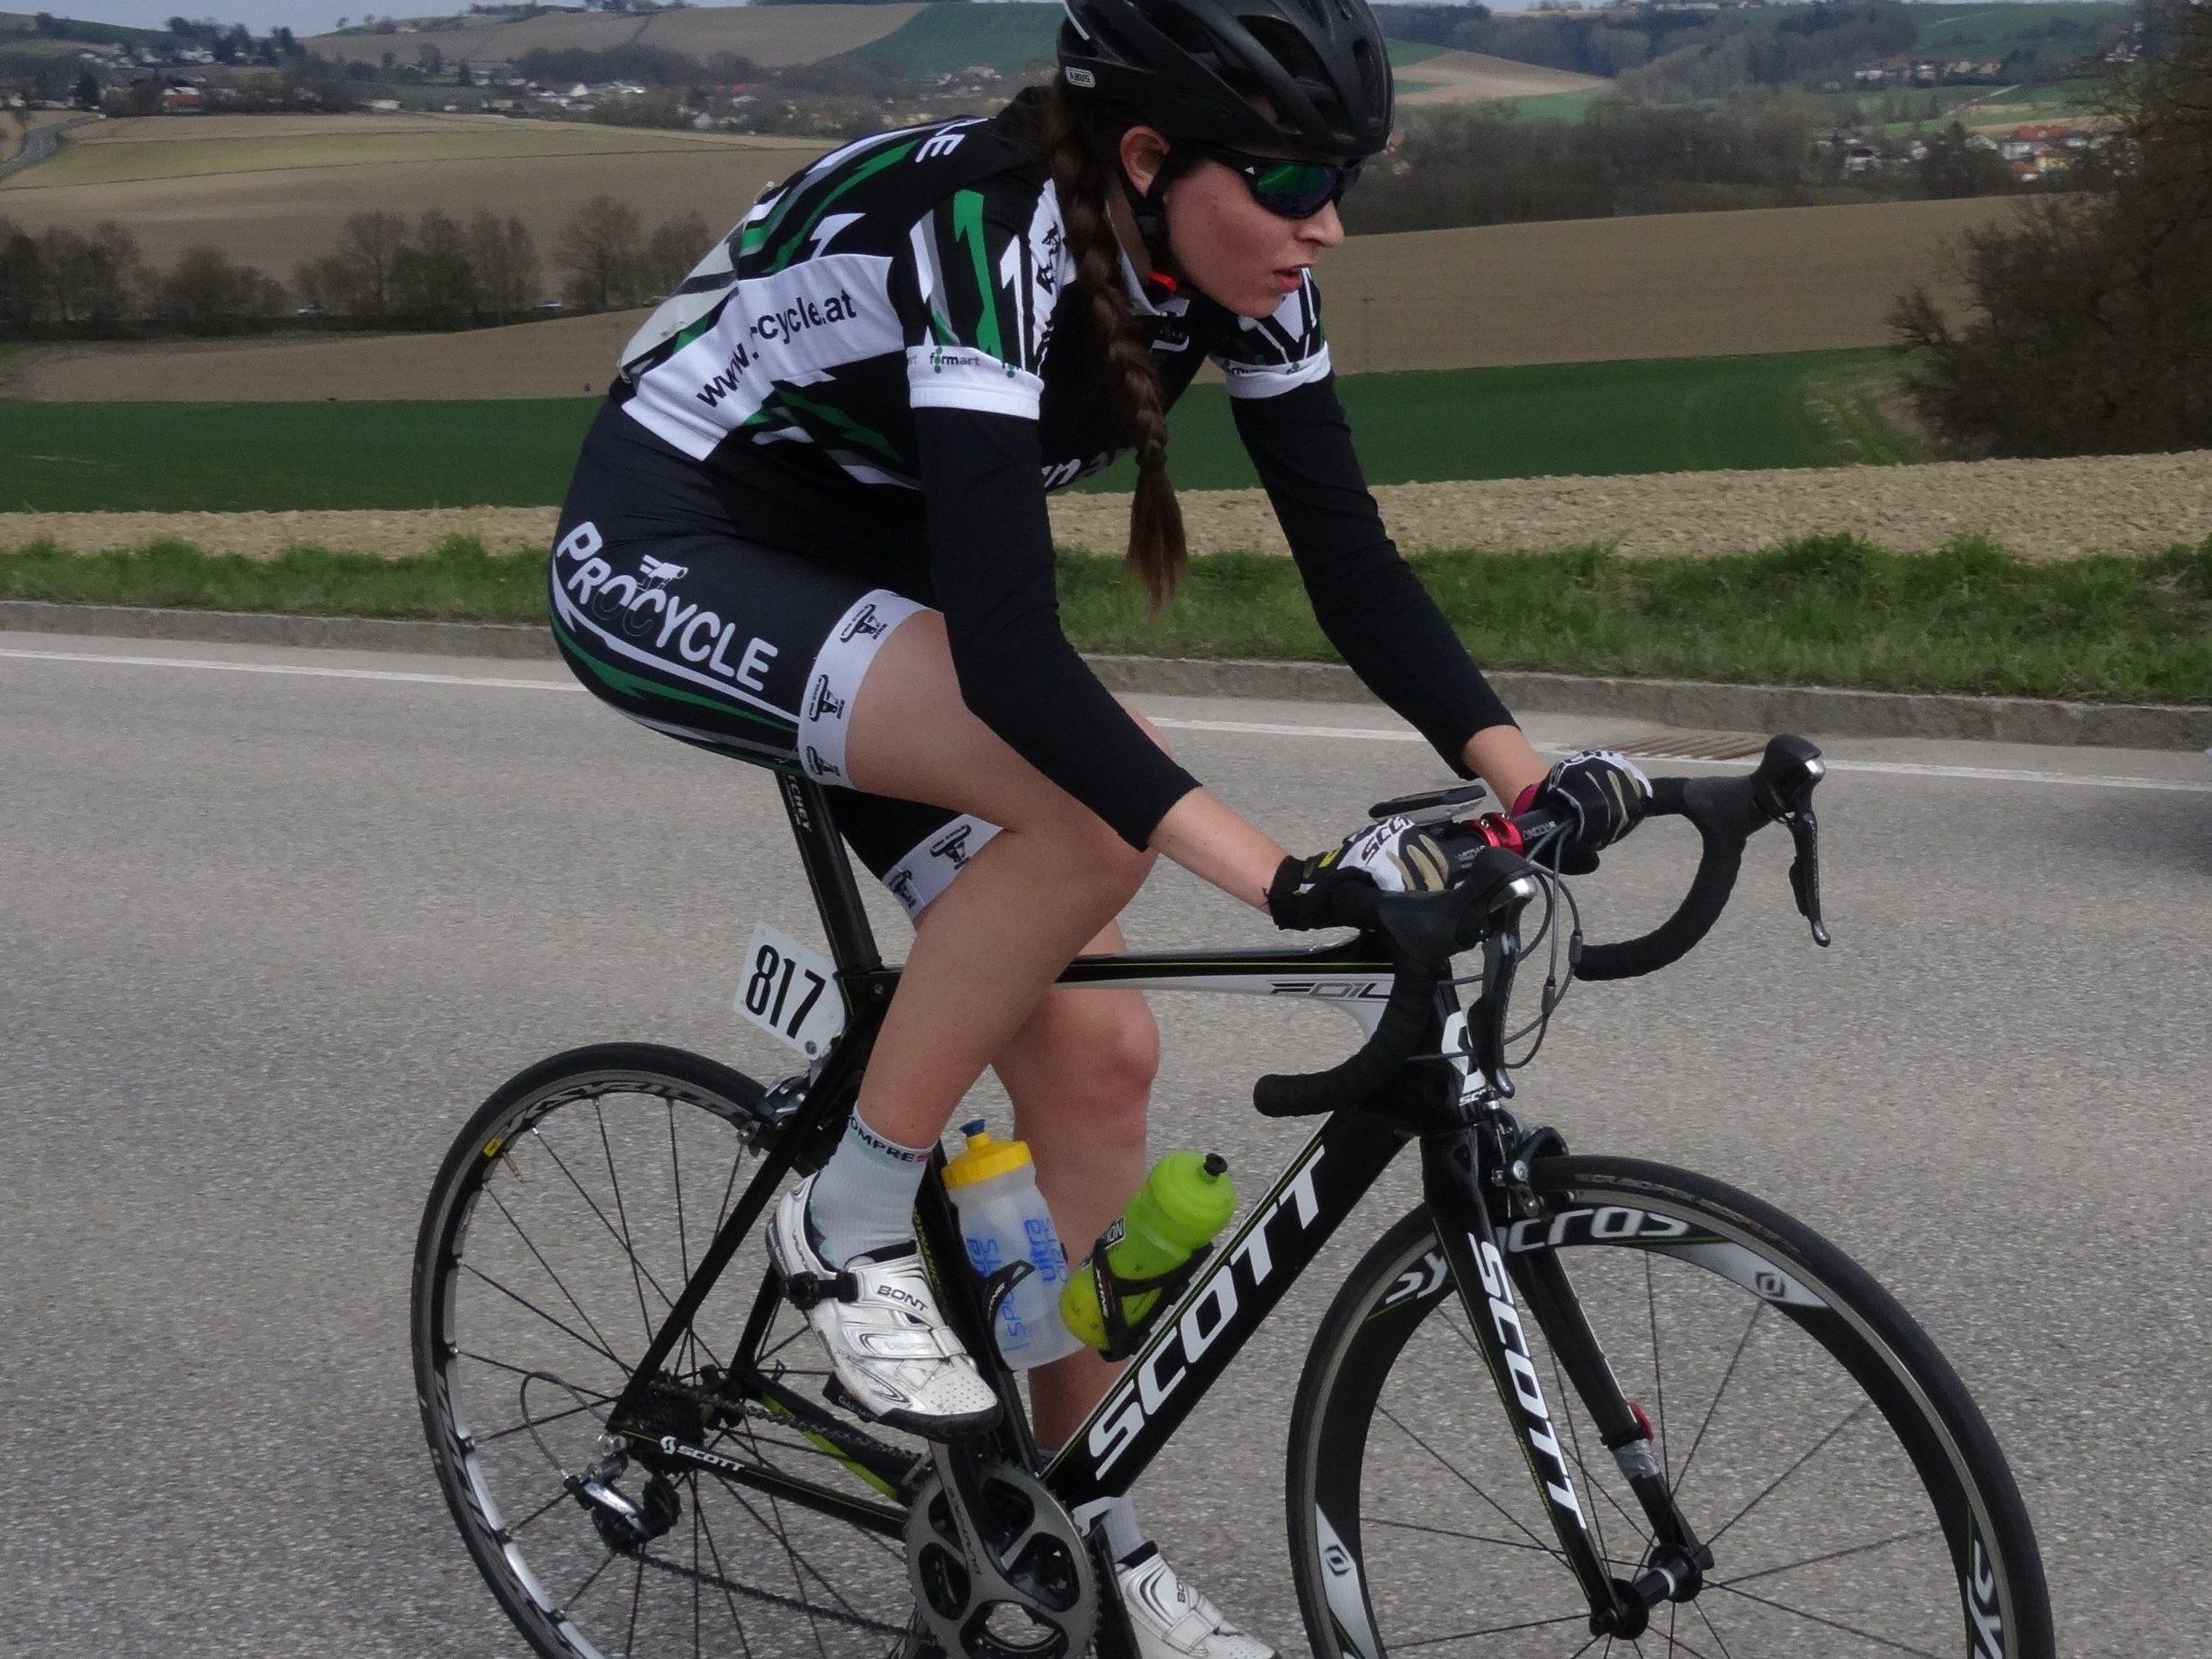 Zweiter Saisonsieg für die Hohenemserin Melanie Amann